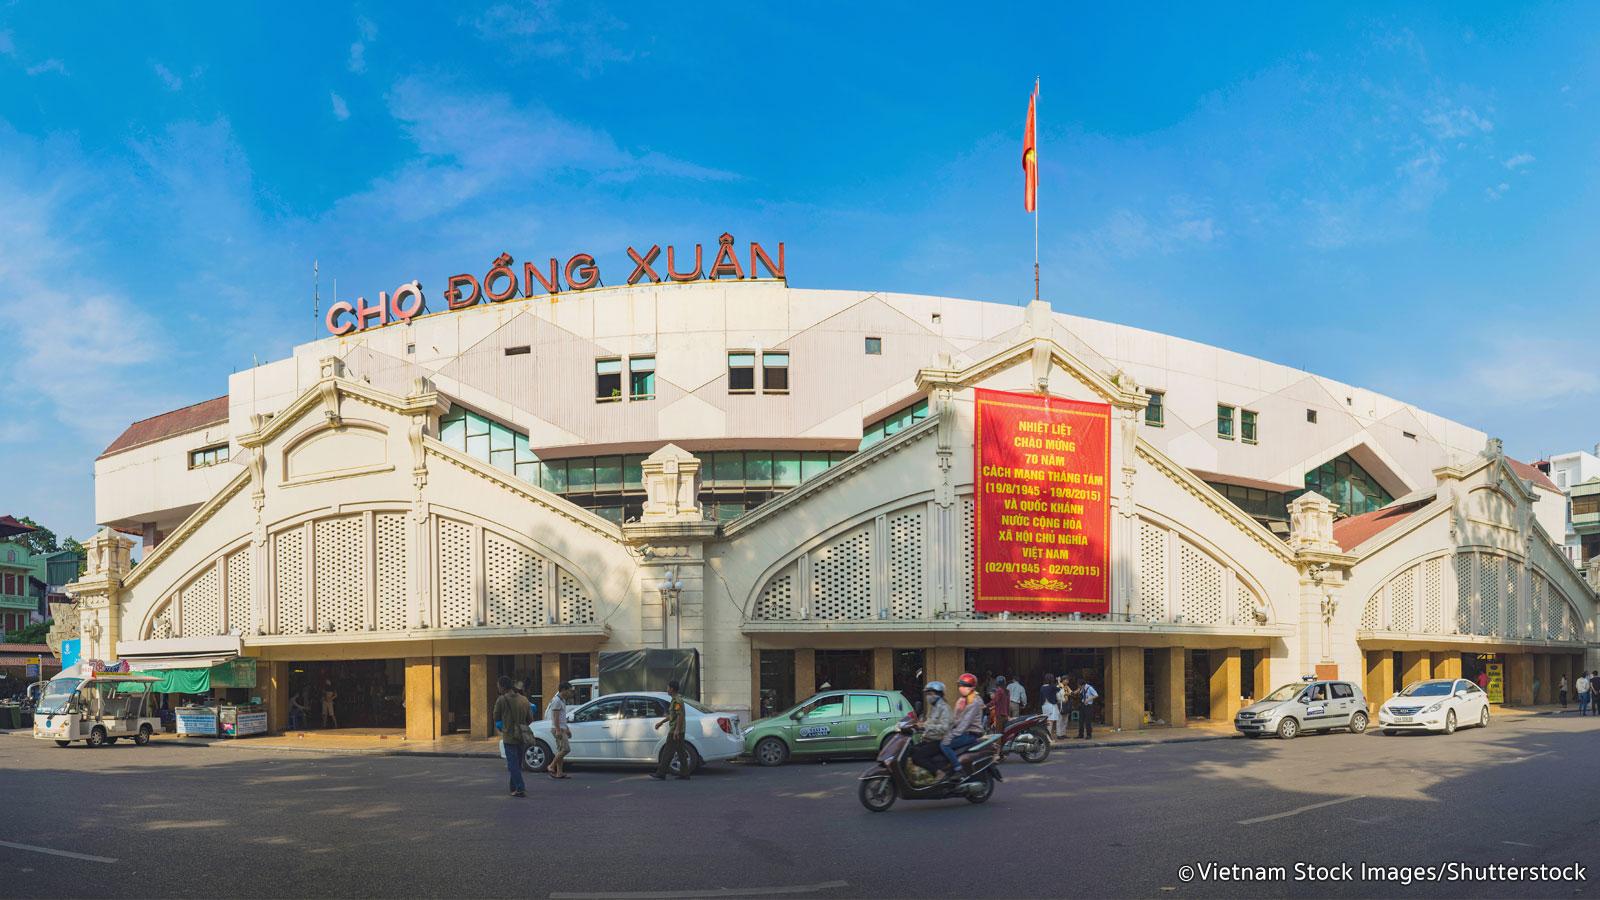 dong xuan market wholesale market hanoi vietnam place to visit